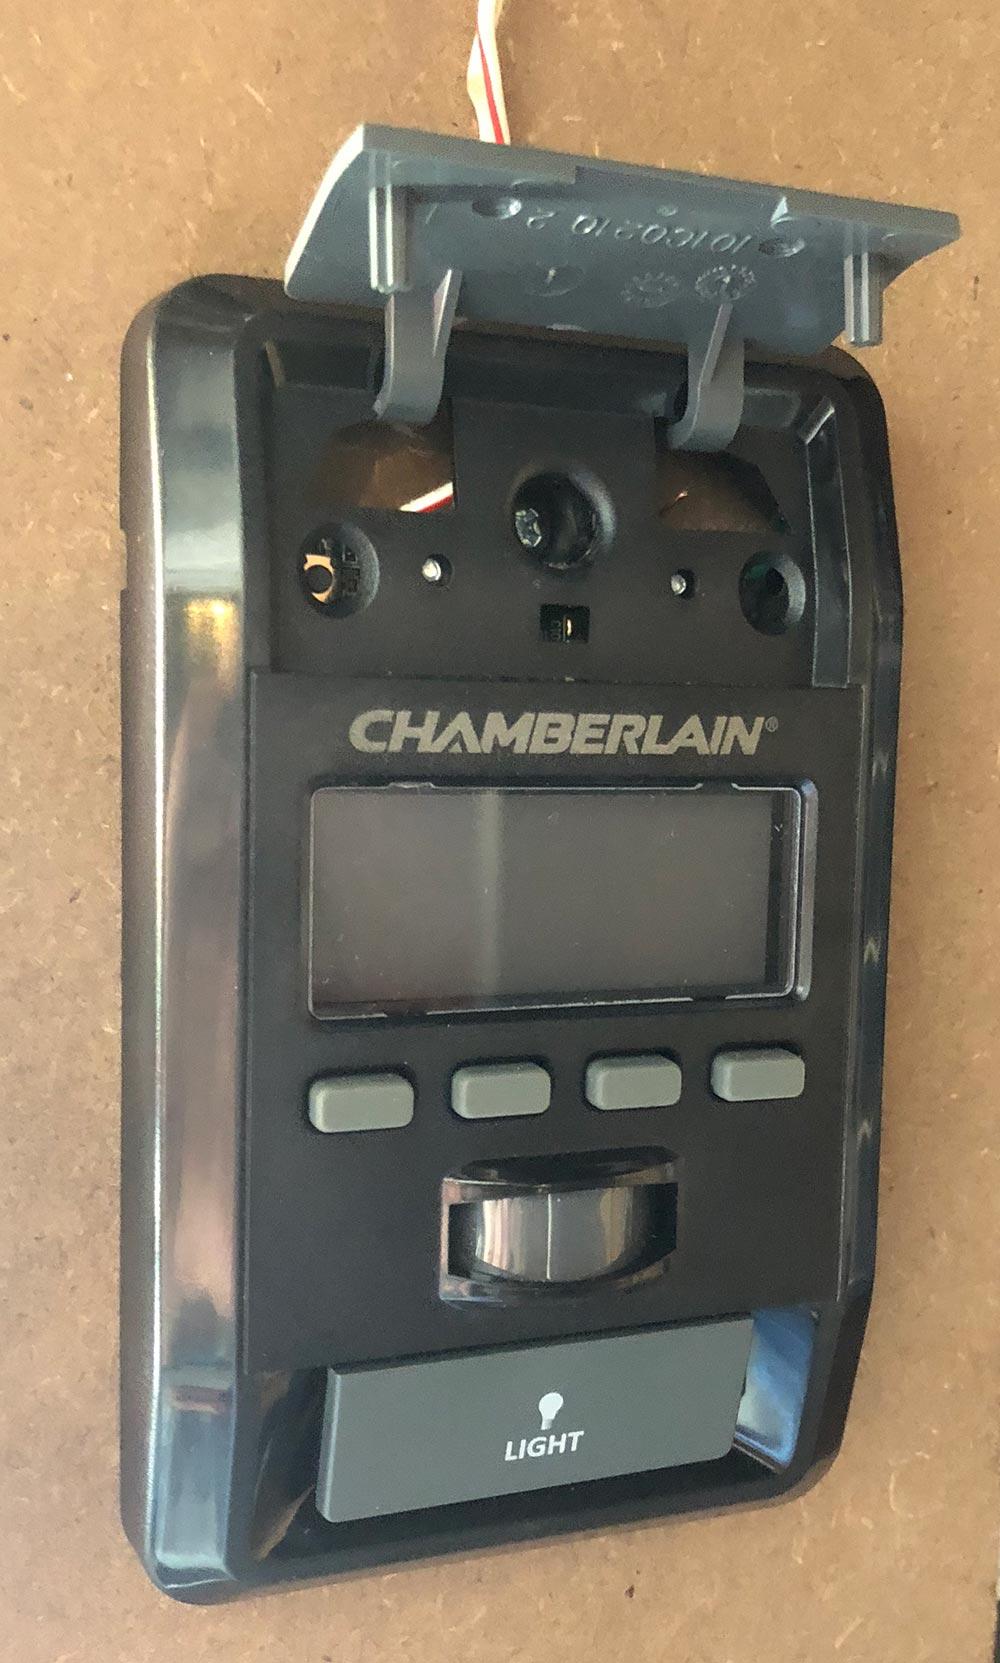 ChamberlainUSB 22